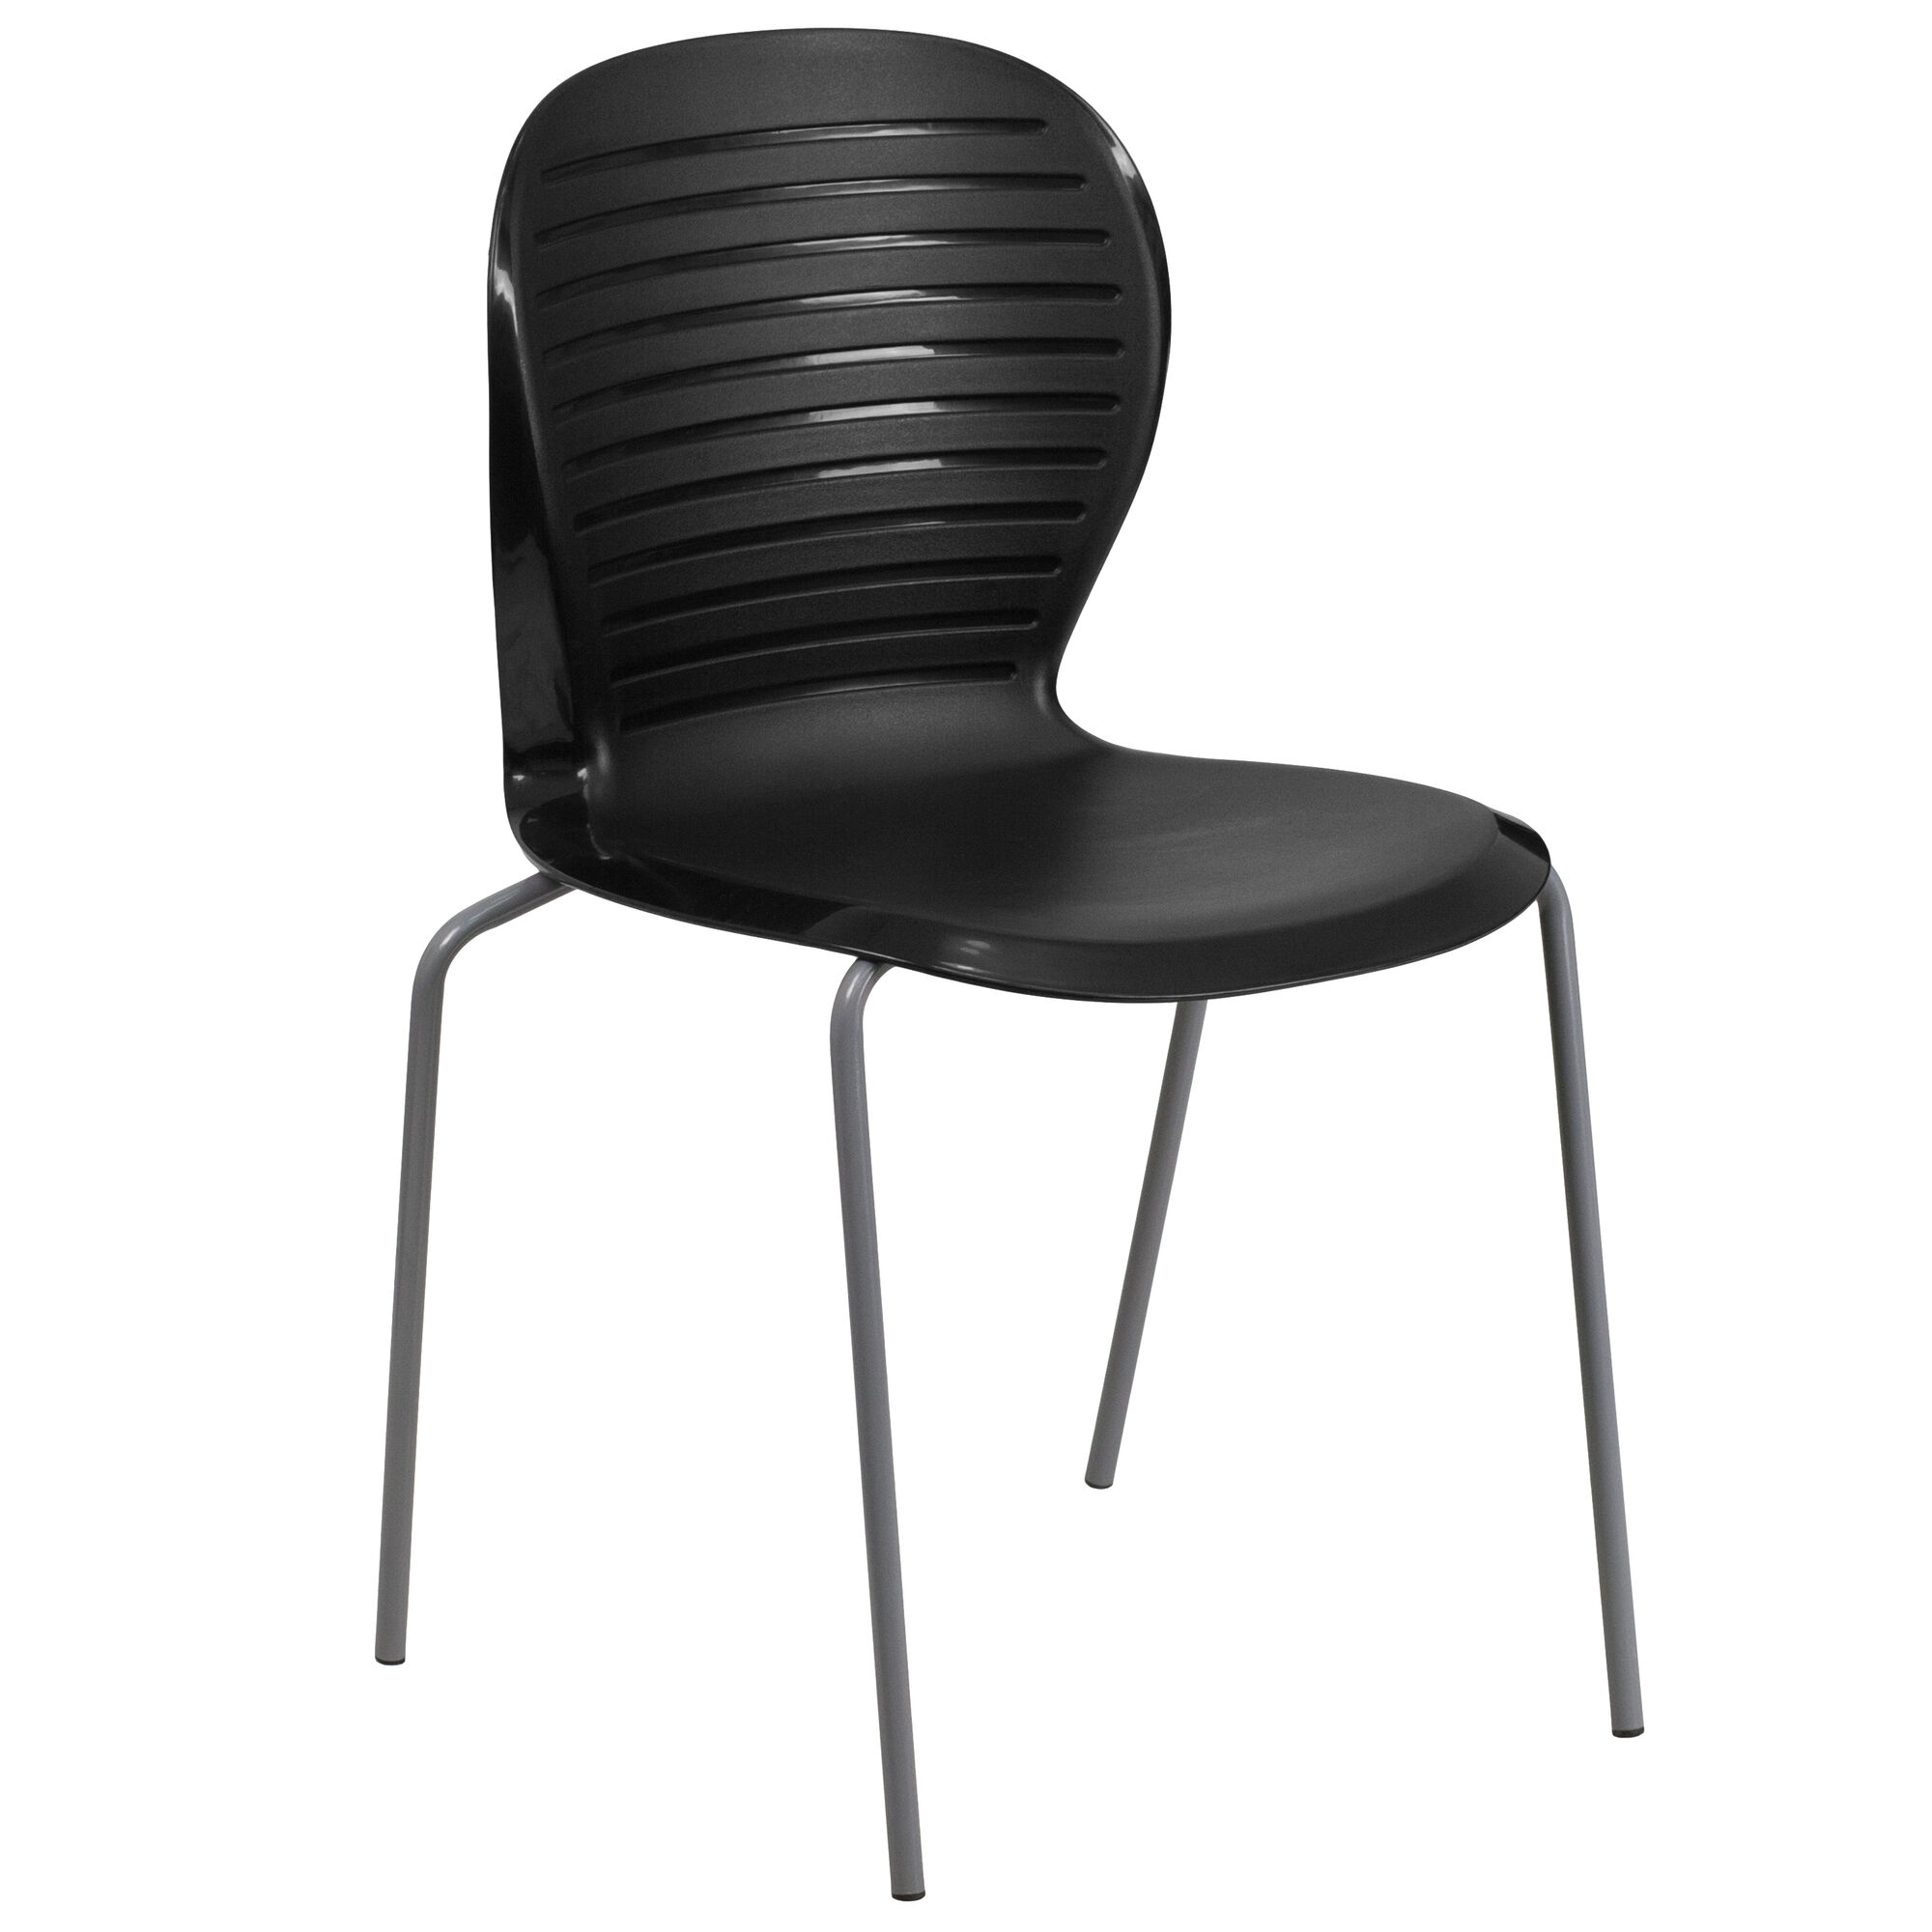 black plastic stack chair rut 3 bk gg. Black Bedroom Furniture Sets. Home Design Ideas